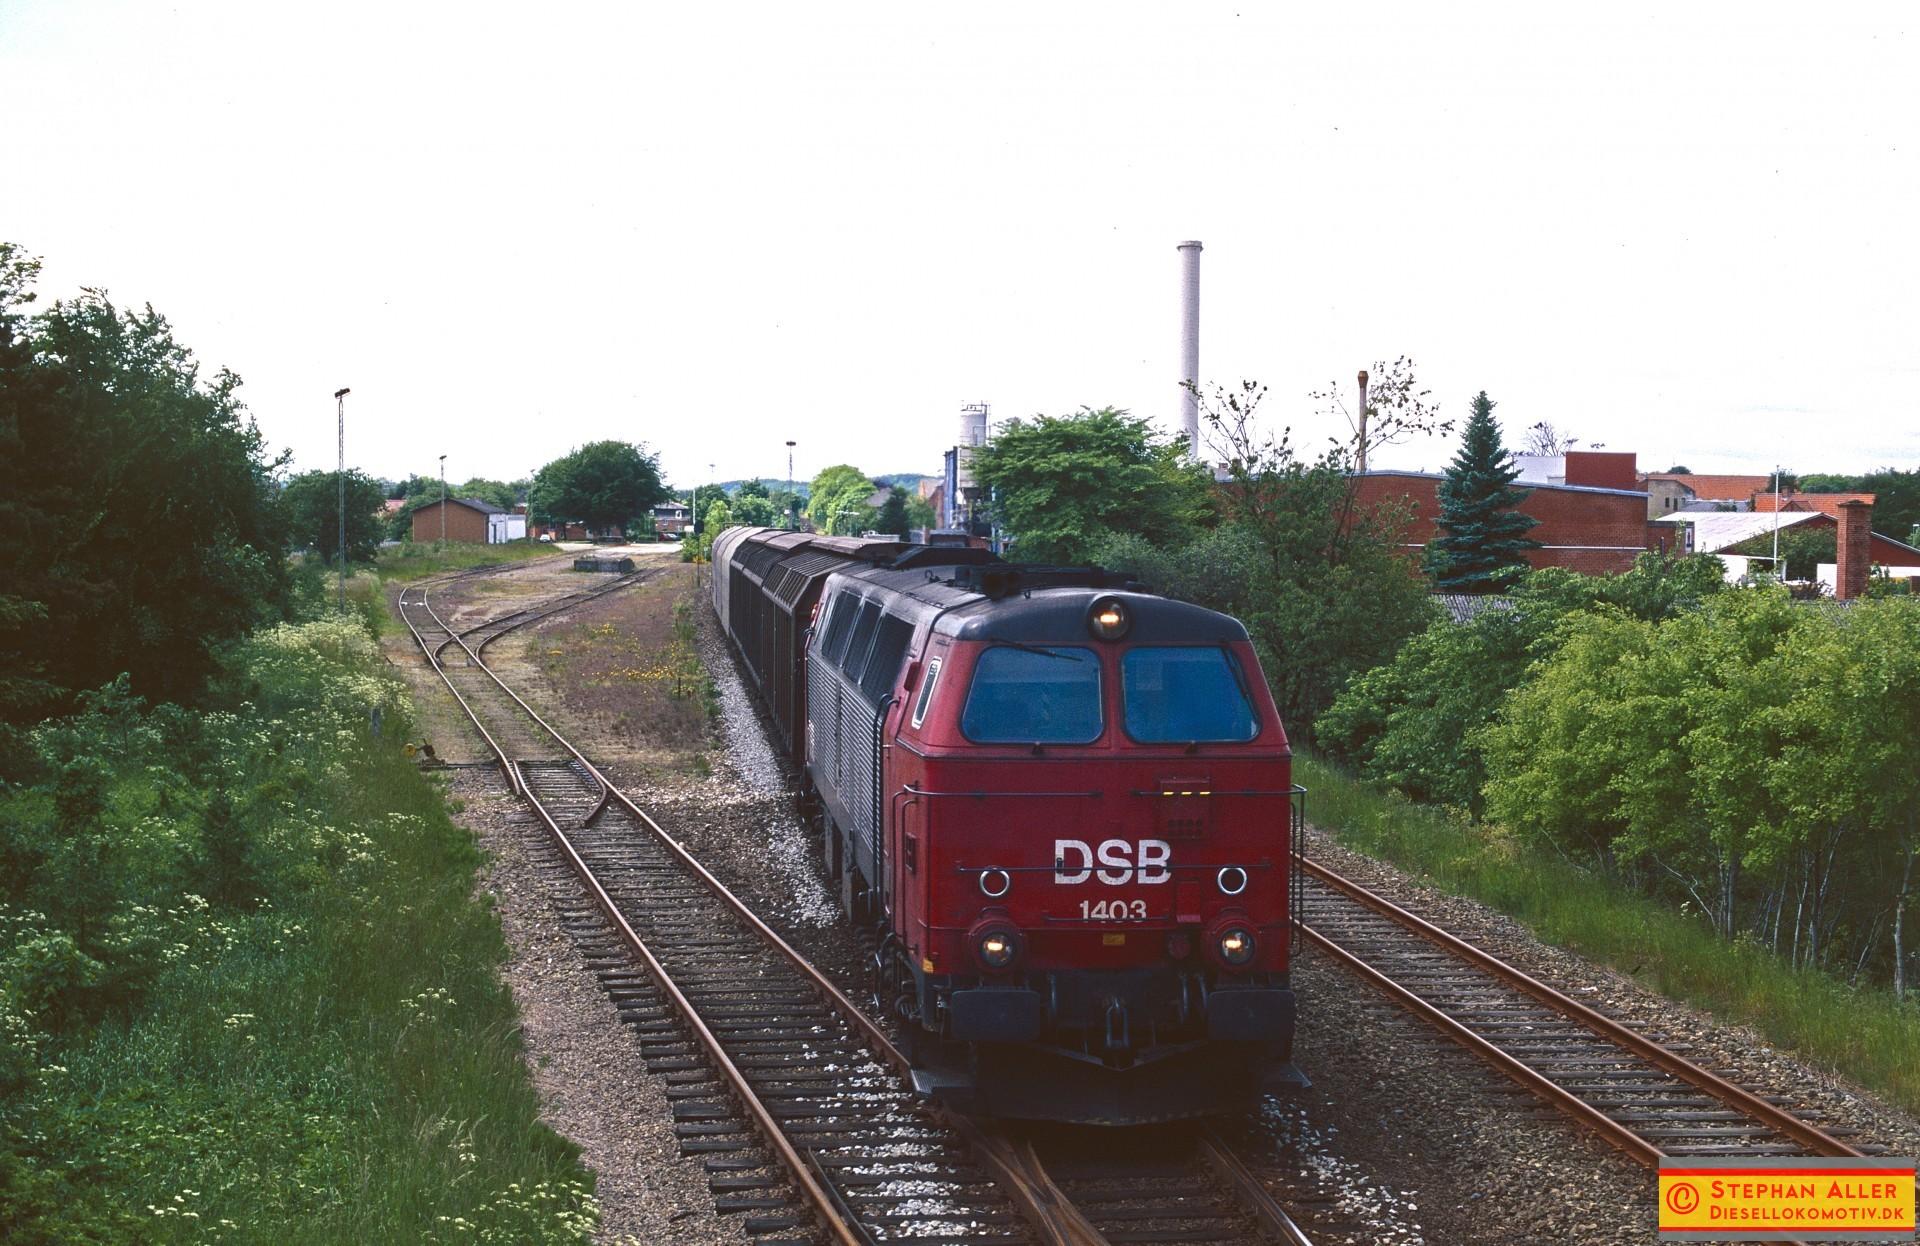 FP3248r